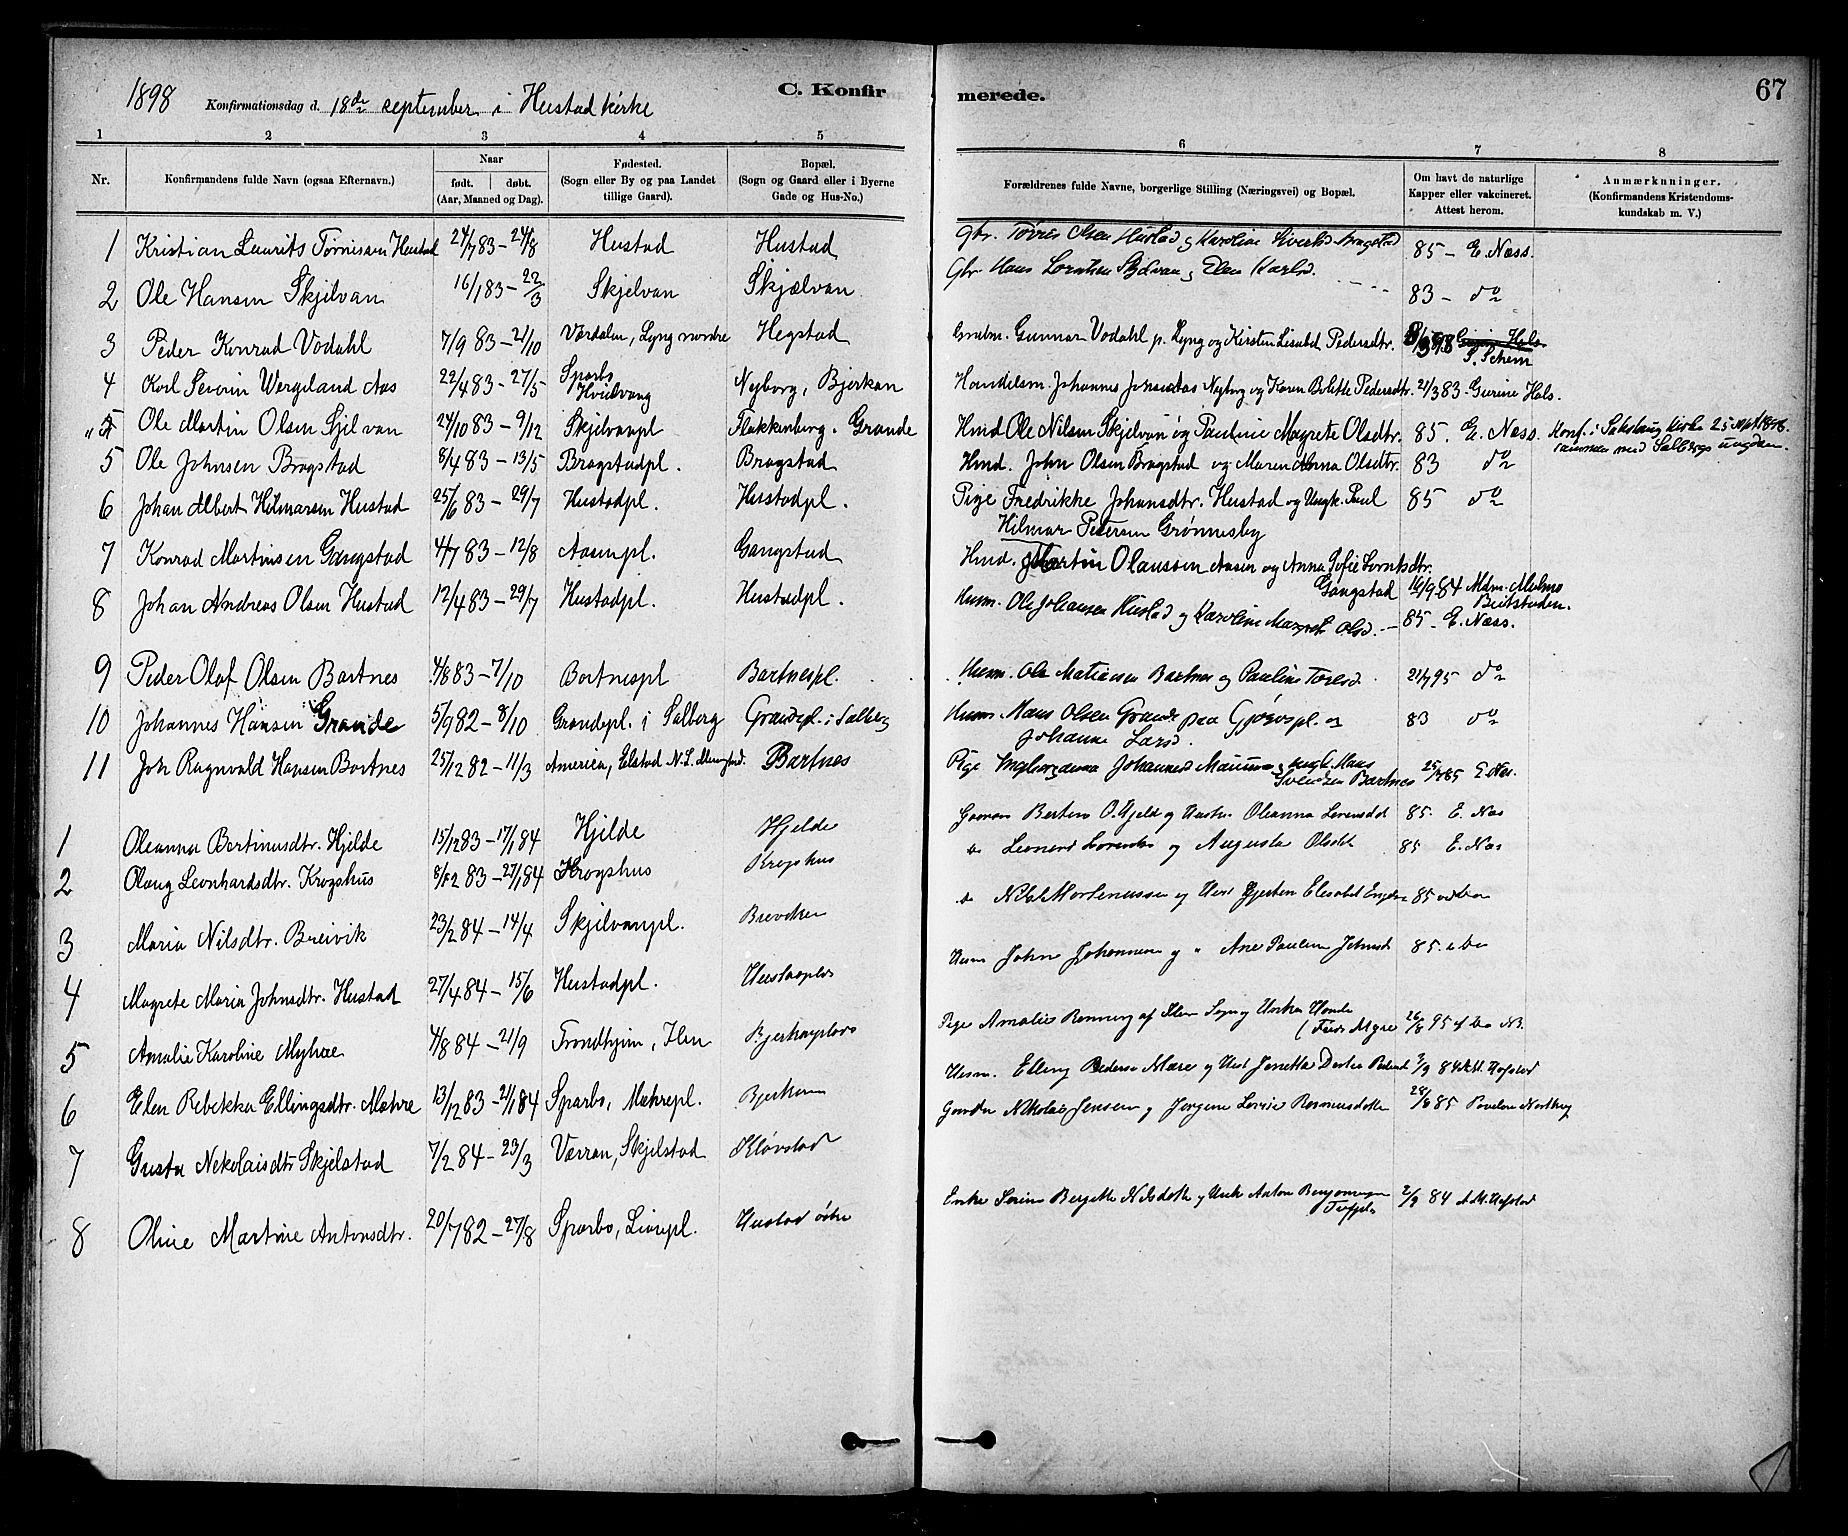 SAT, Ministerialprotokoller, klokkerbøker og fødselsregistre - Nord-Trøndelag, 732/L0318: Klokkerbok nr. 732C02, 1881-1911, s. 67